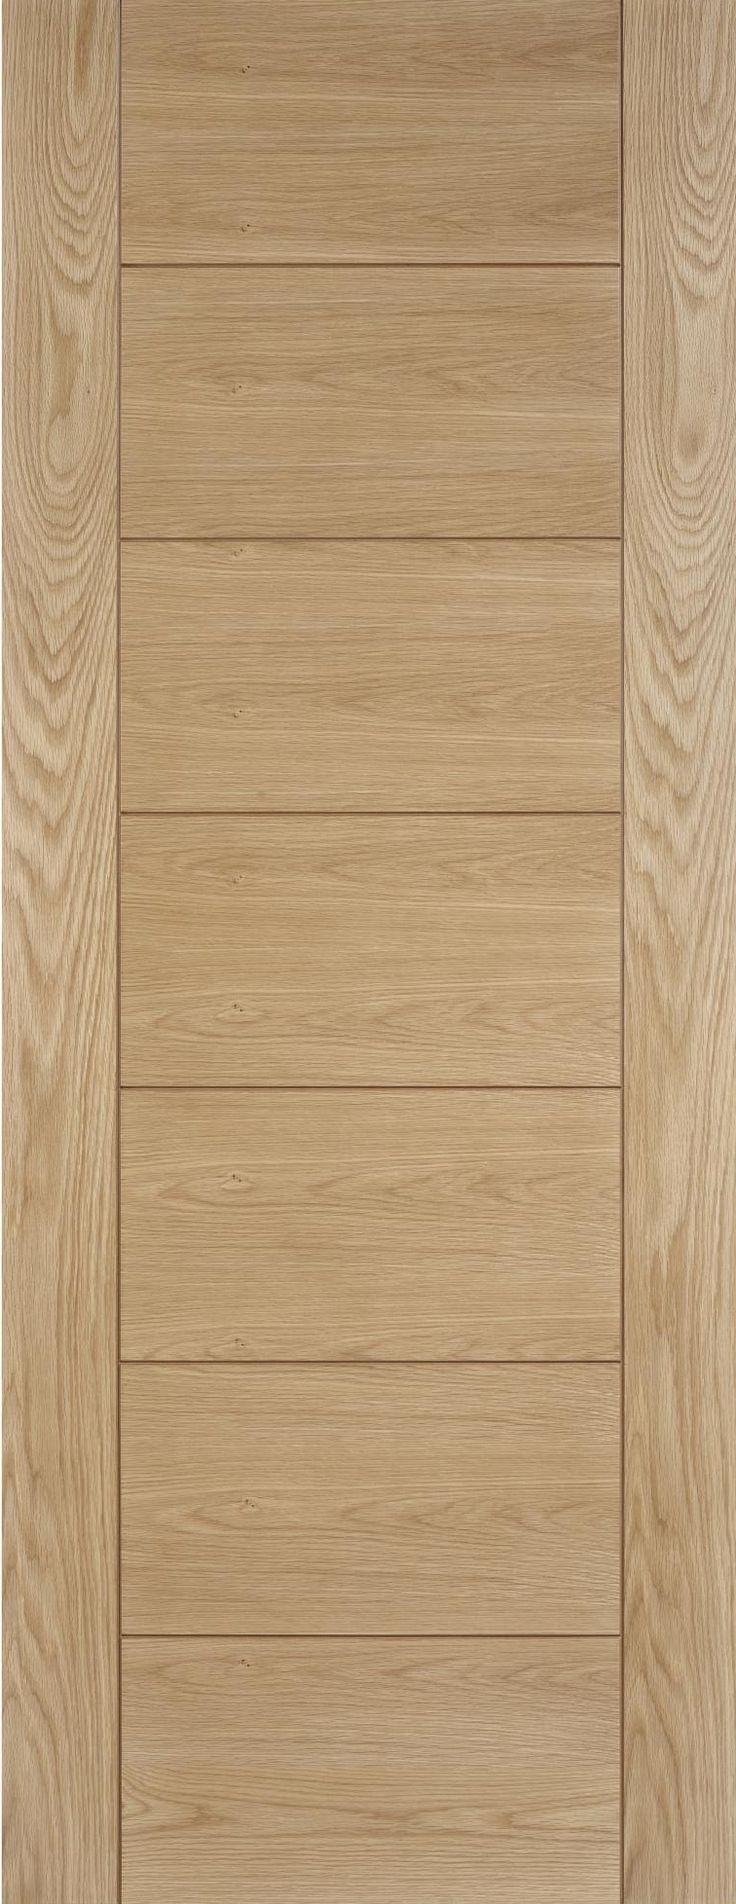 Hampshire (Semi Solid Core) | LPD Doors